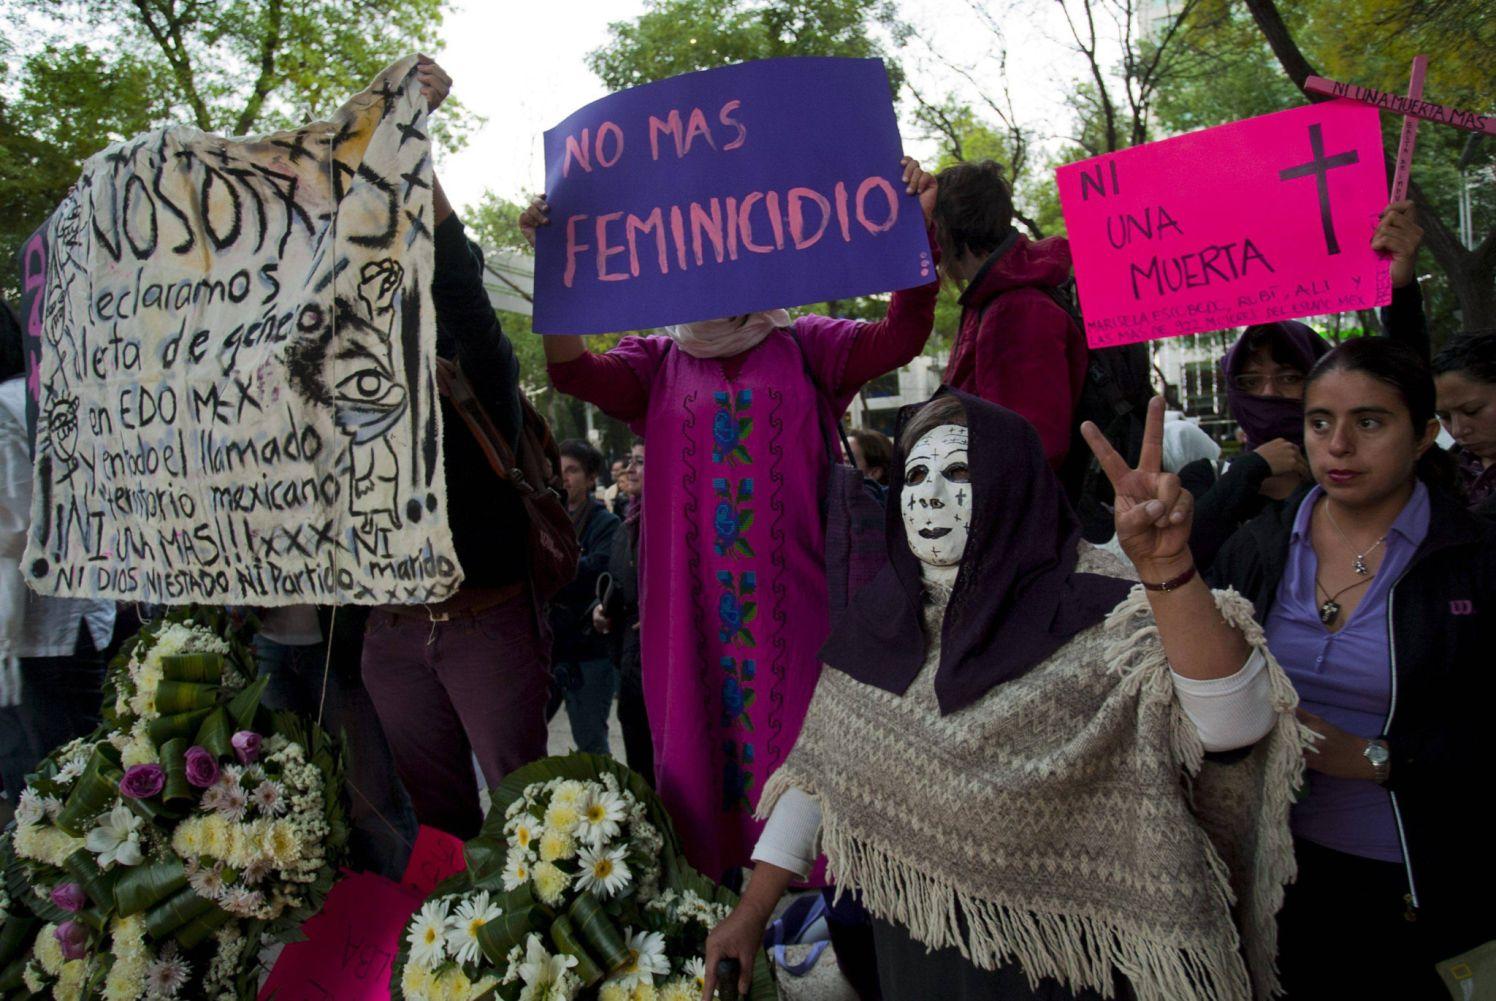 הפגנה נגד רצח נשים במחוז צ'יוואווה, מקסיקו. תיאוריות למכביר צילום: גטי אימג`ס